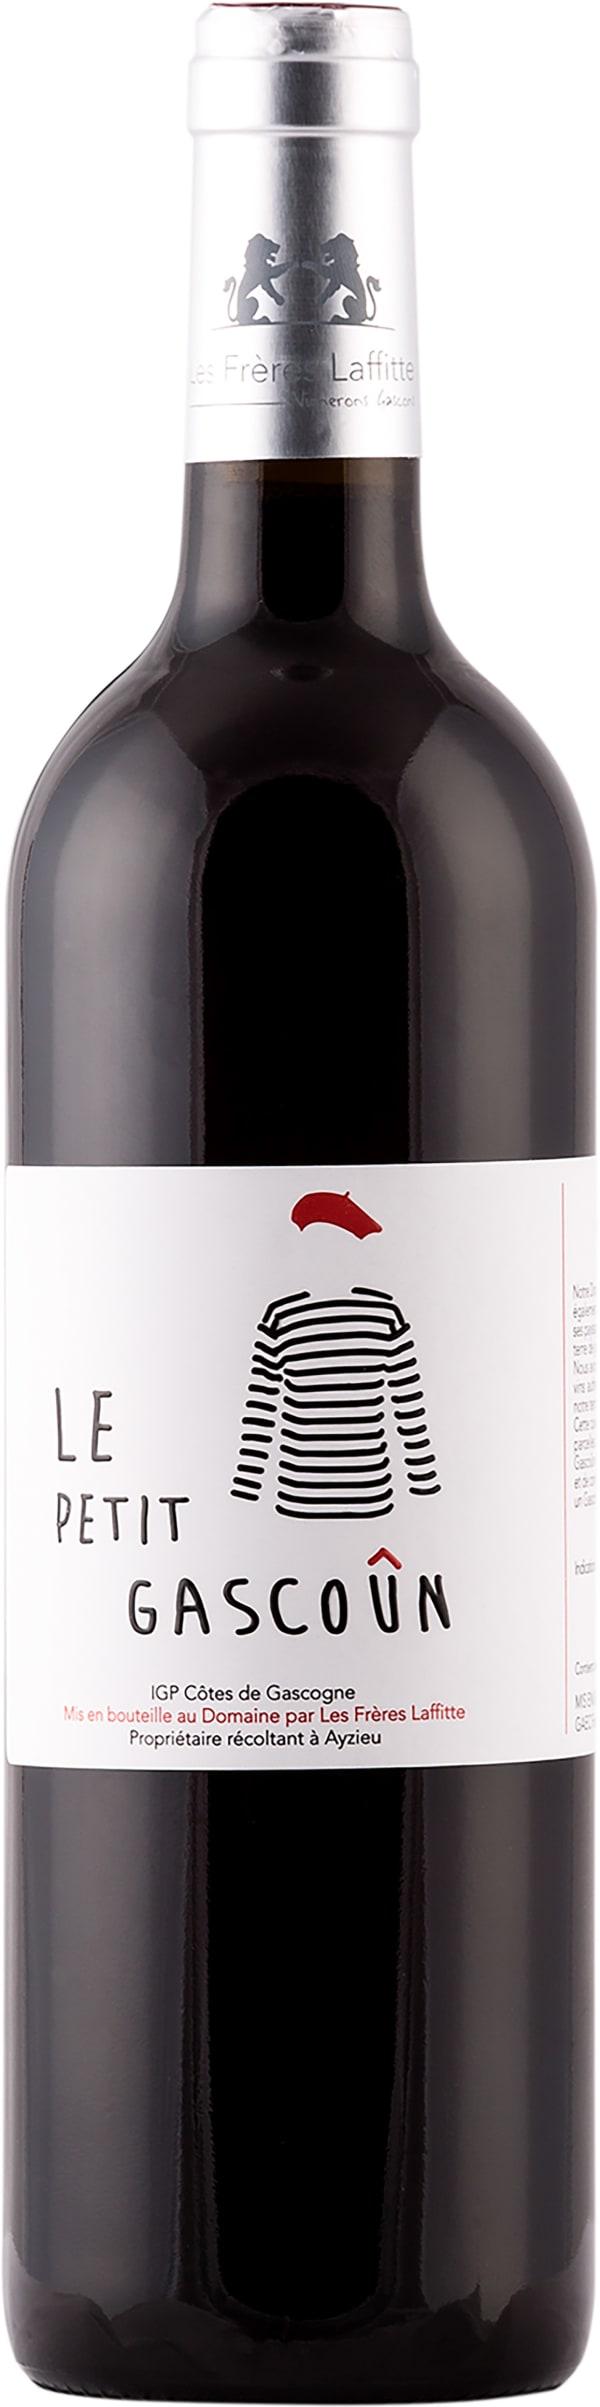 Le Petit Gascoûn Rouge 2019